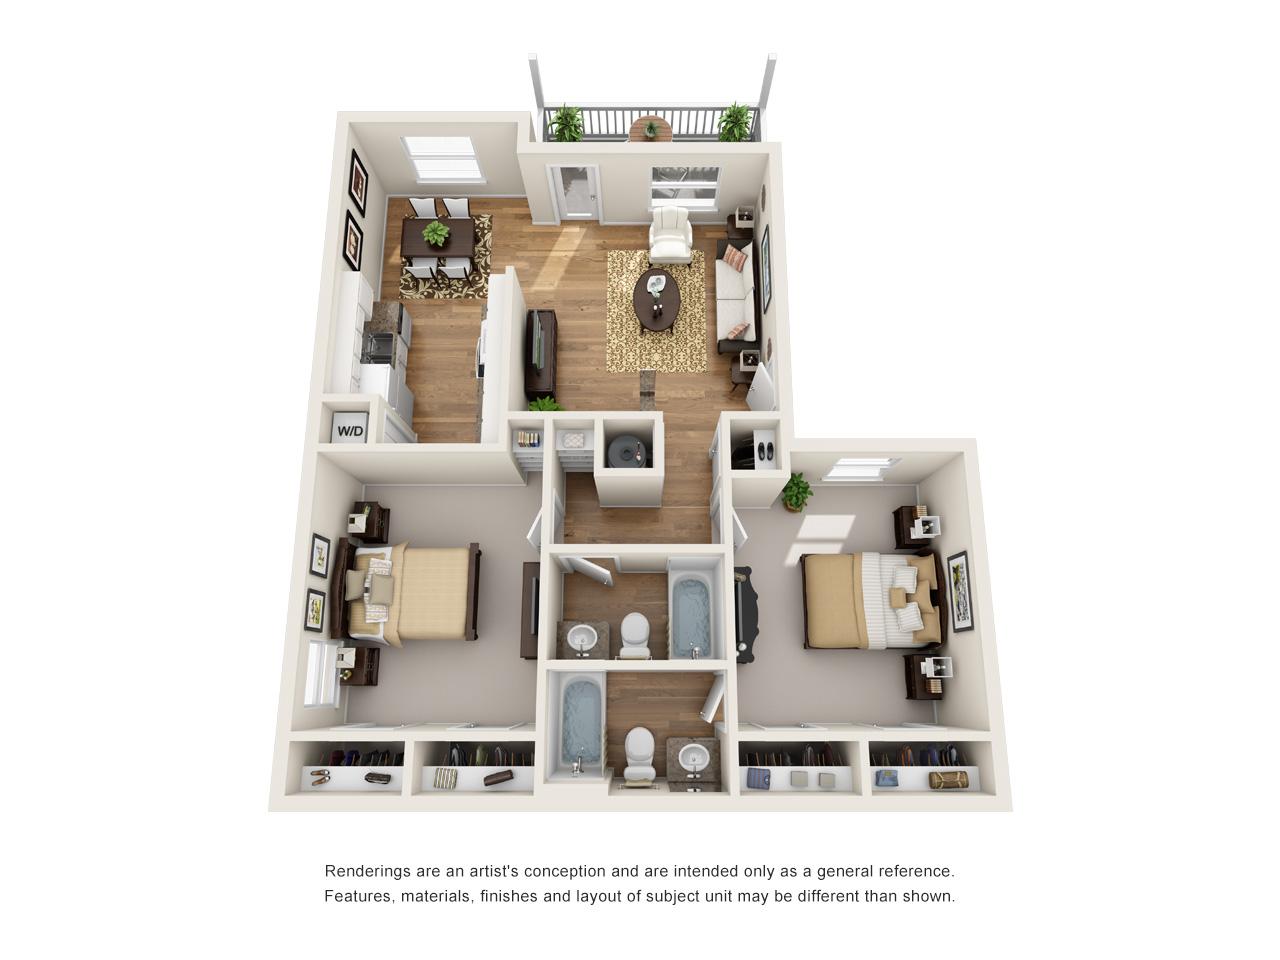 2 bedroom in laurel ridge